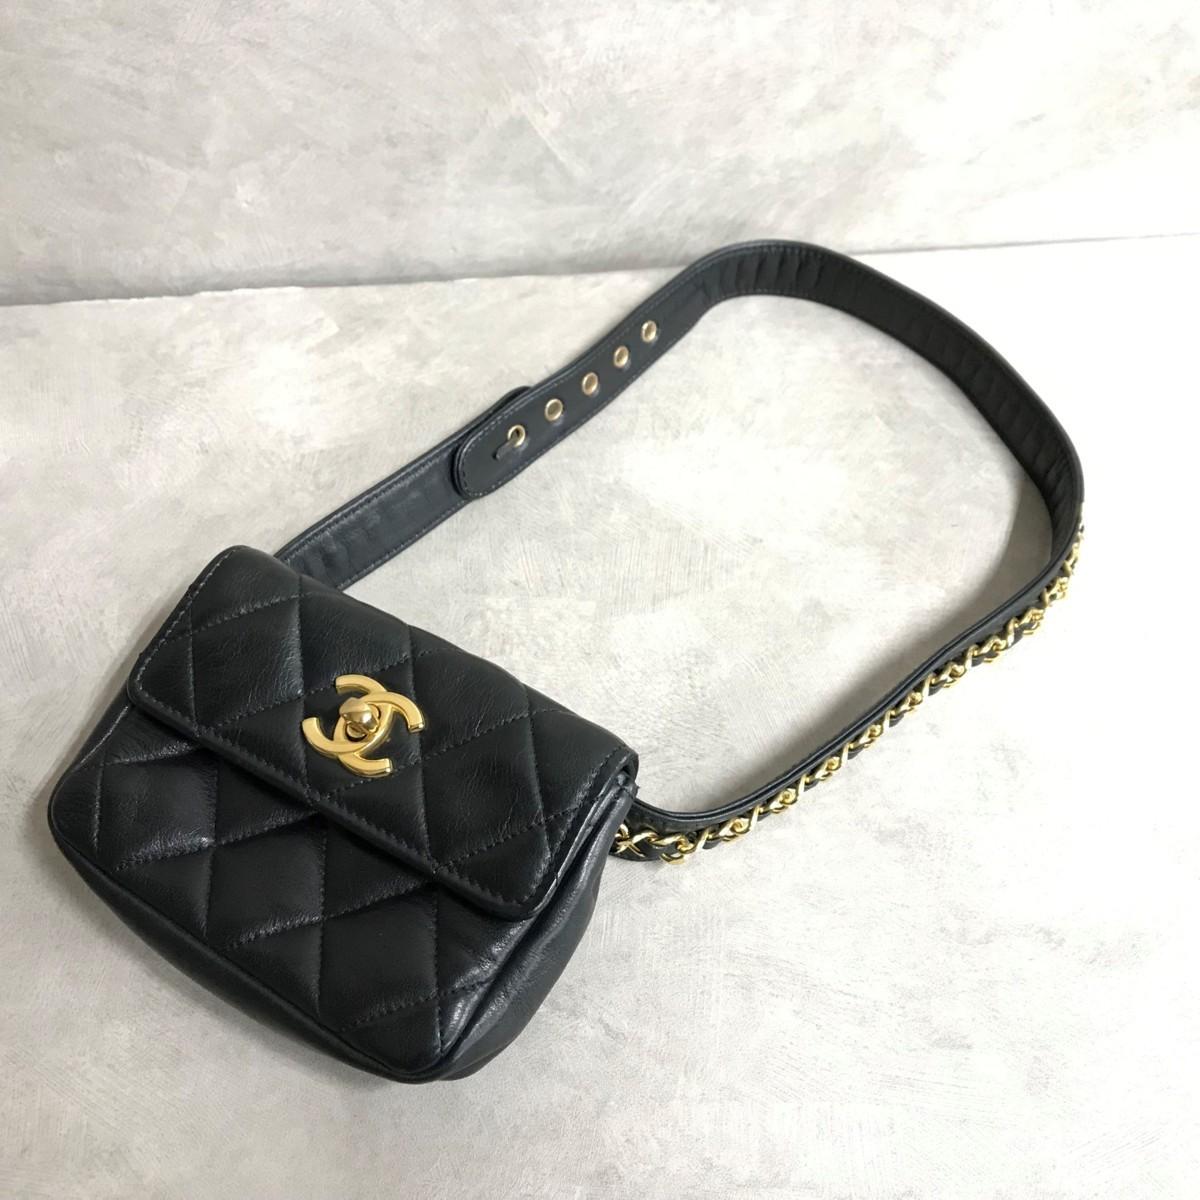 ea580375f76e 1円スタート 美品 シャネル CHANEL ラムスキン マトラッセ ウエストポーチ ウエストバッグ 黒の1